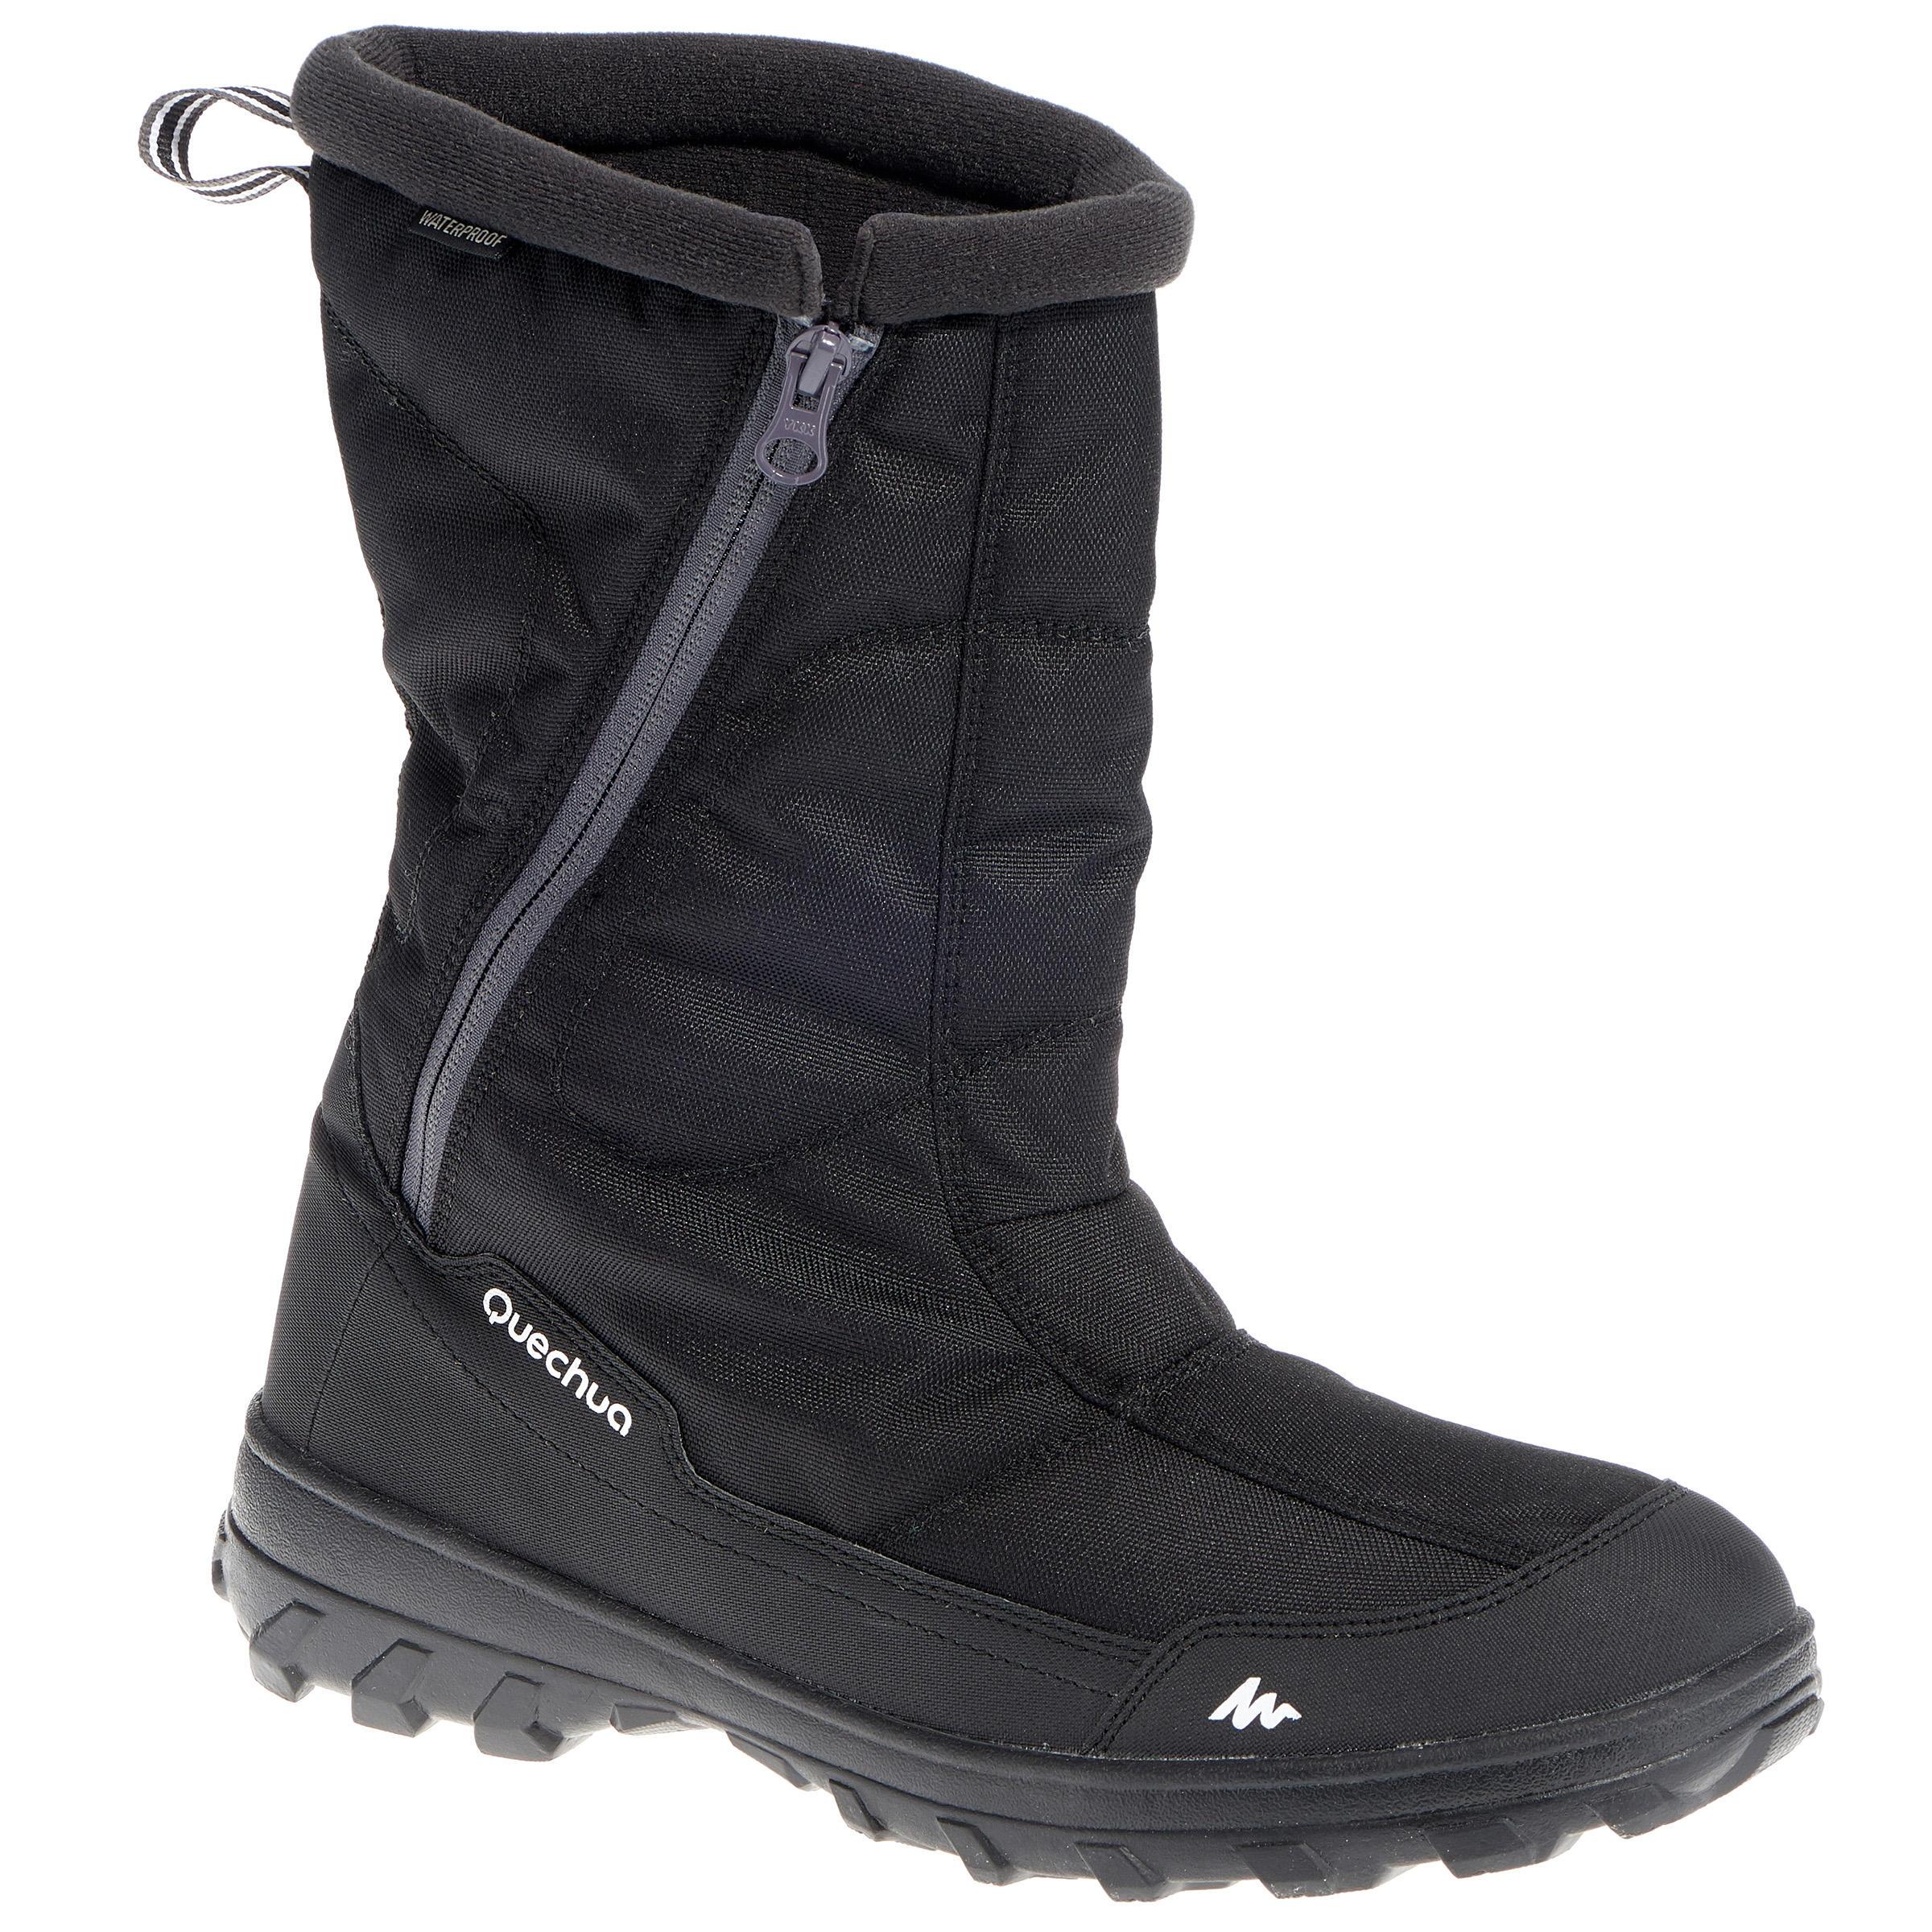 K Ski Touring Boots